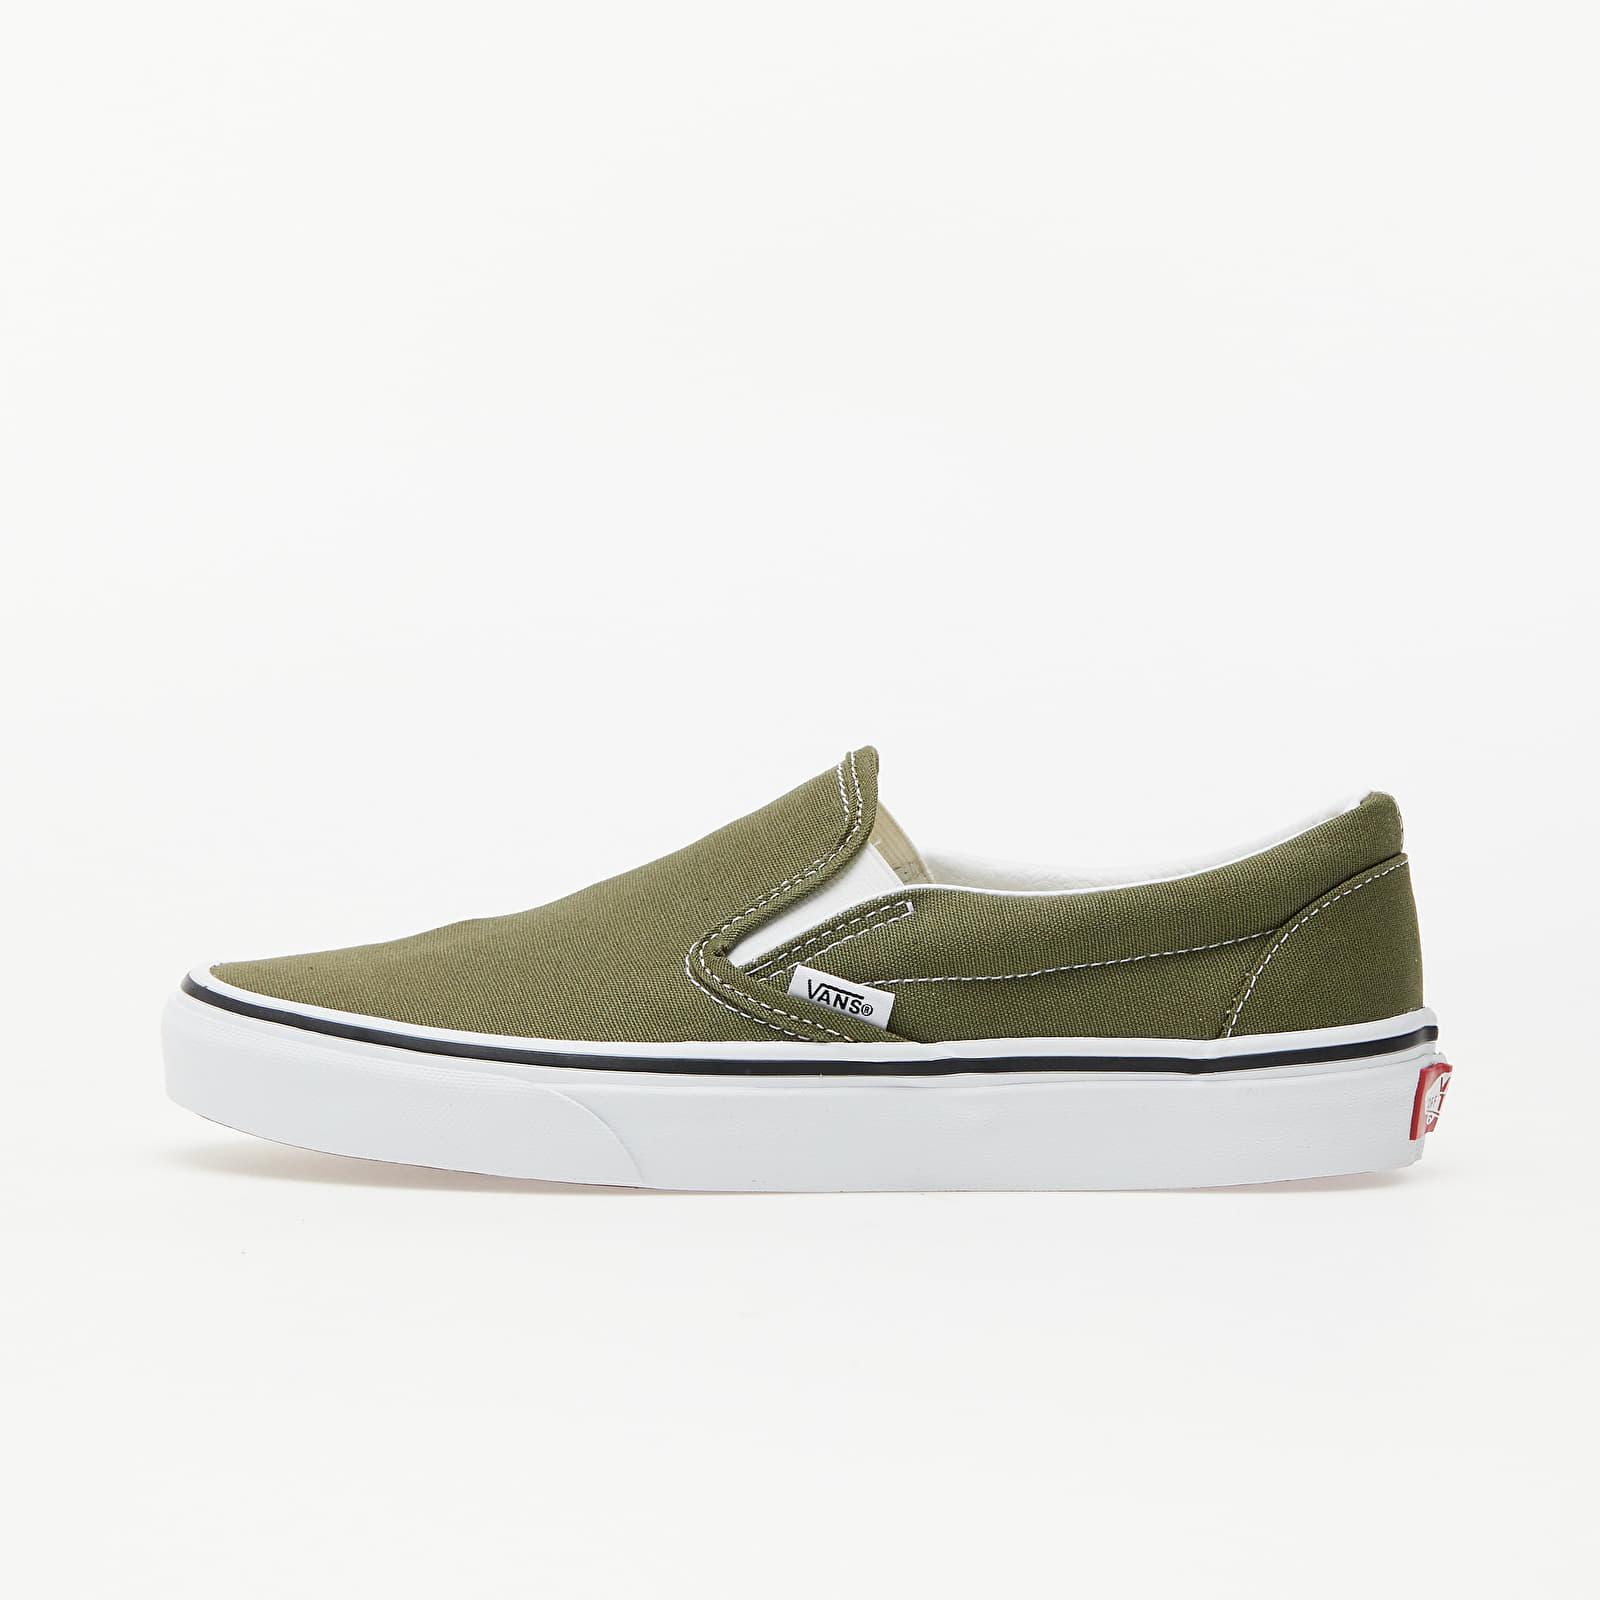 Férfi cipők Vans Classic Slip-On Winter Moss/ True White